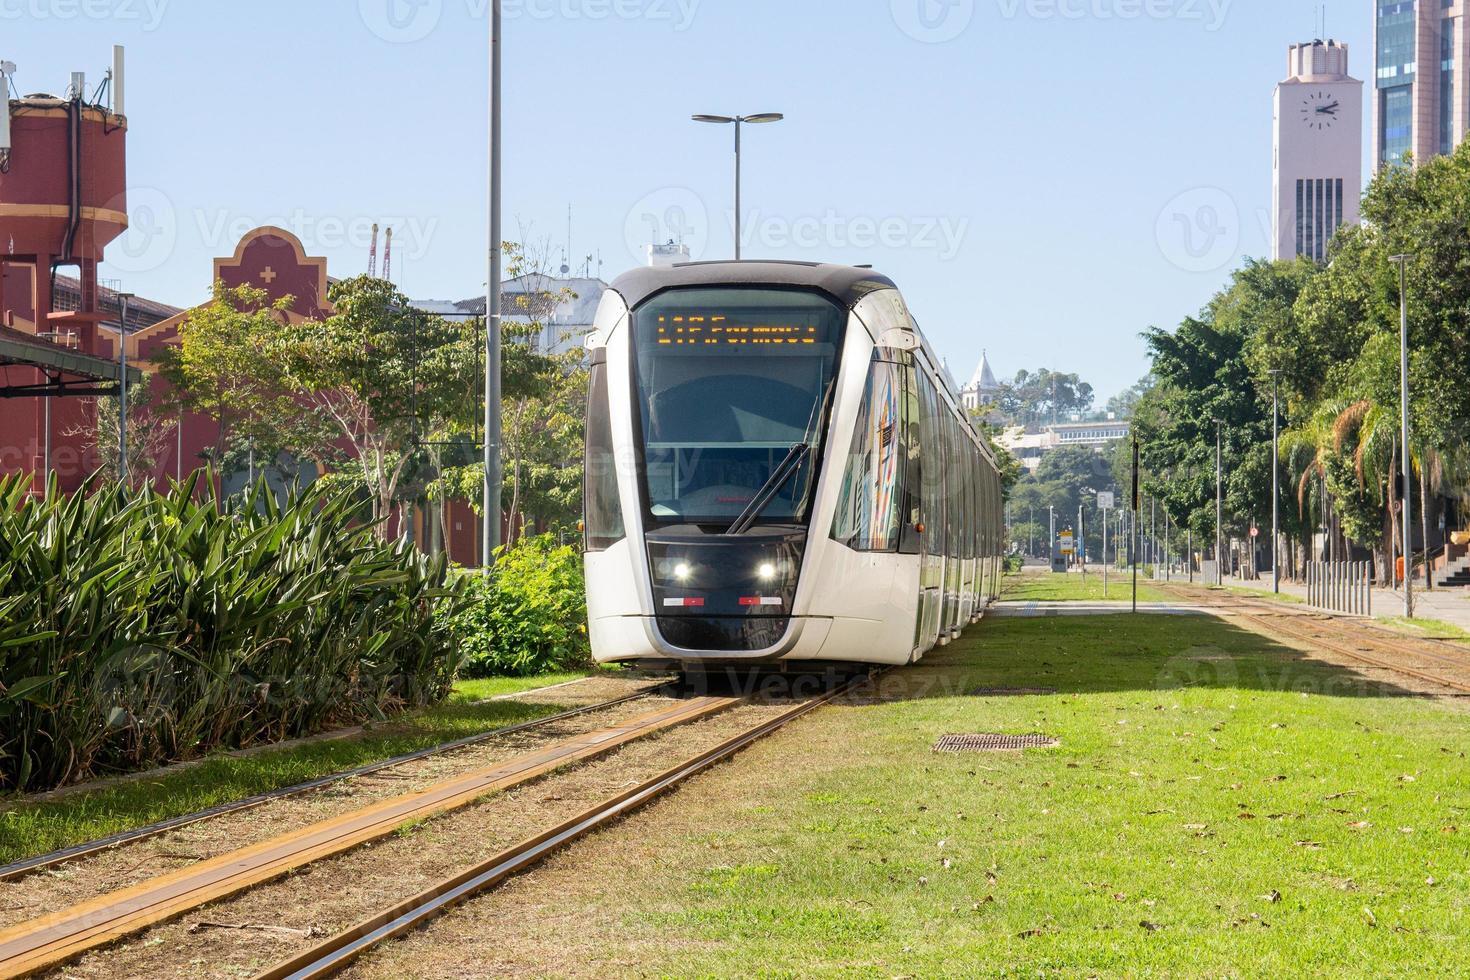 train de transport de passagers connu sous le nom de vlt à rio de janeiro. photo